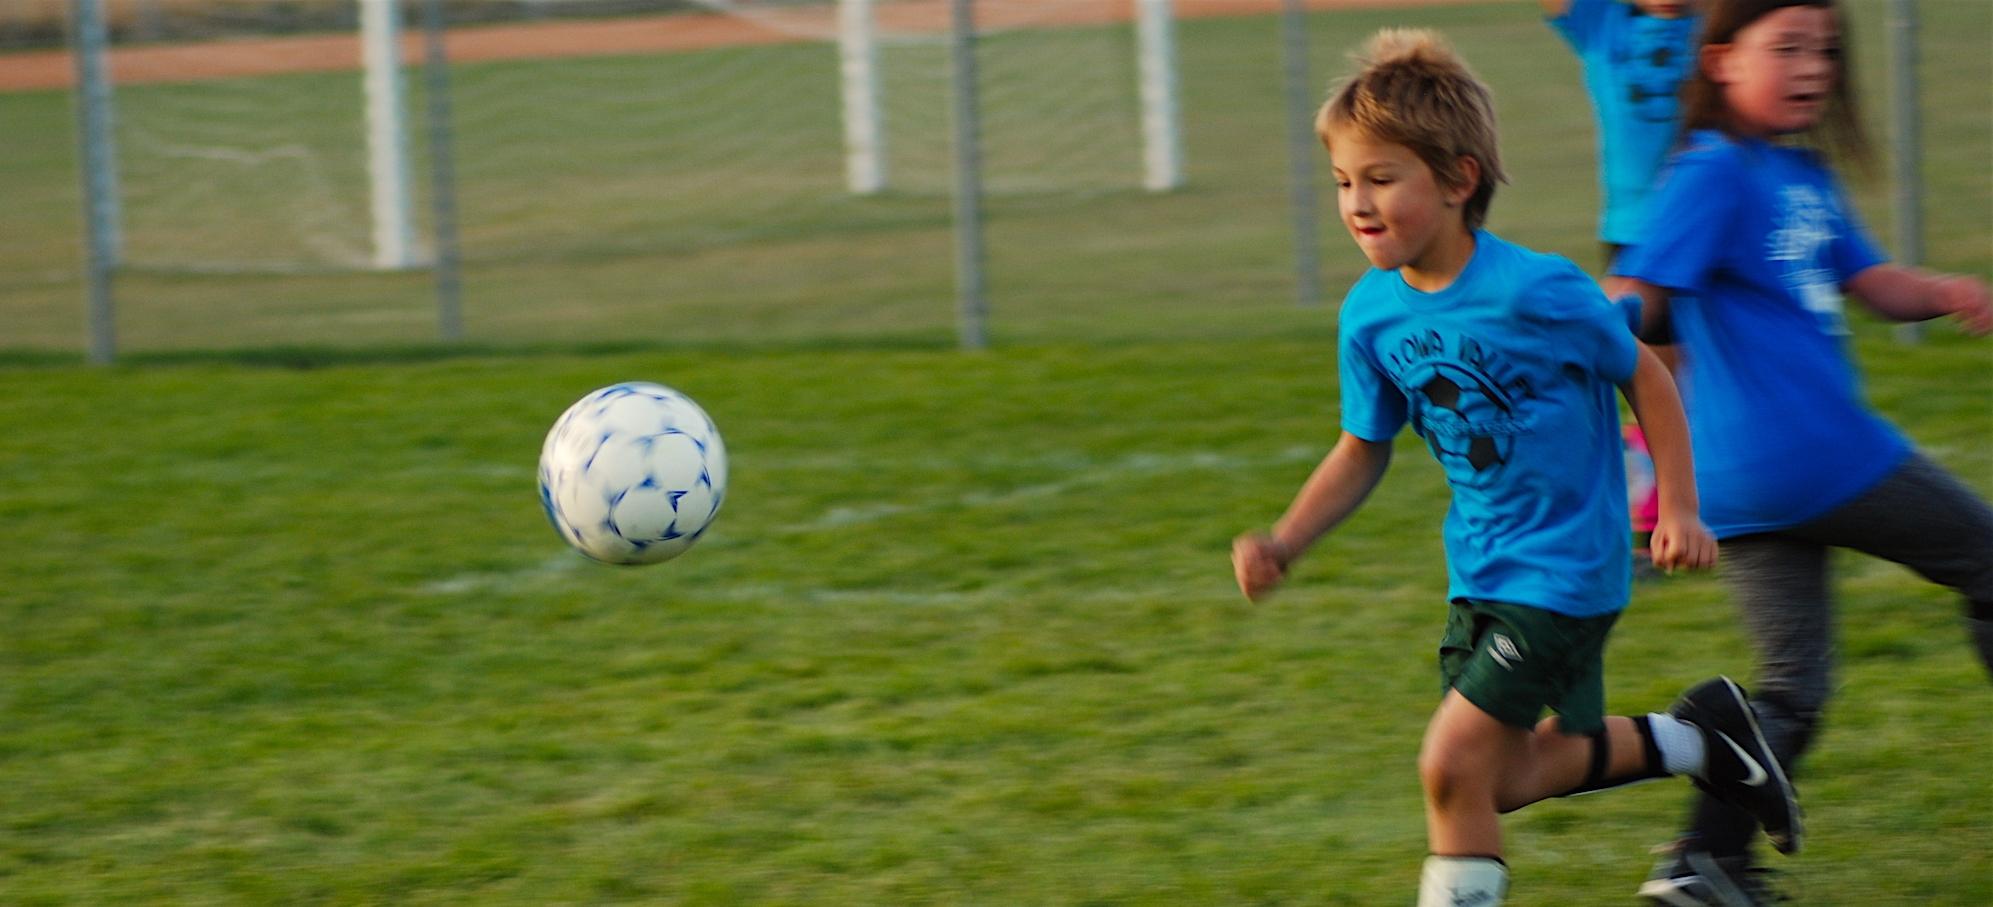 caleb-soccer-web.jpg